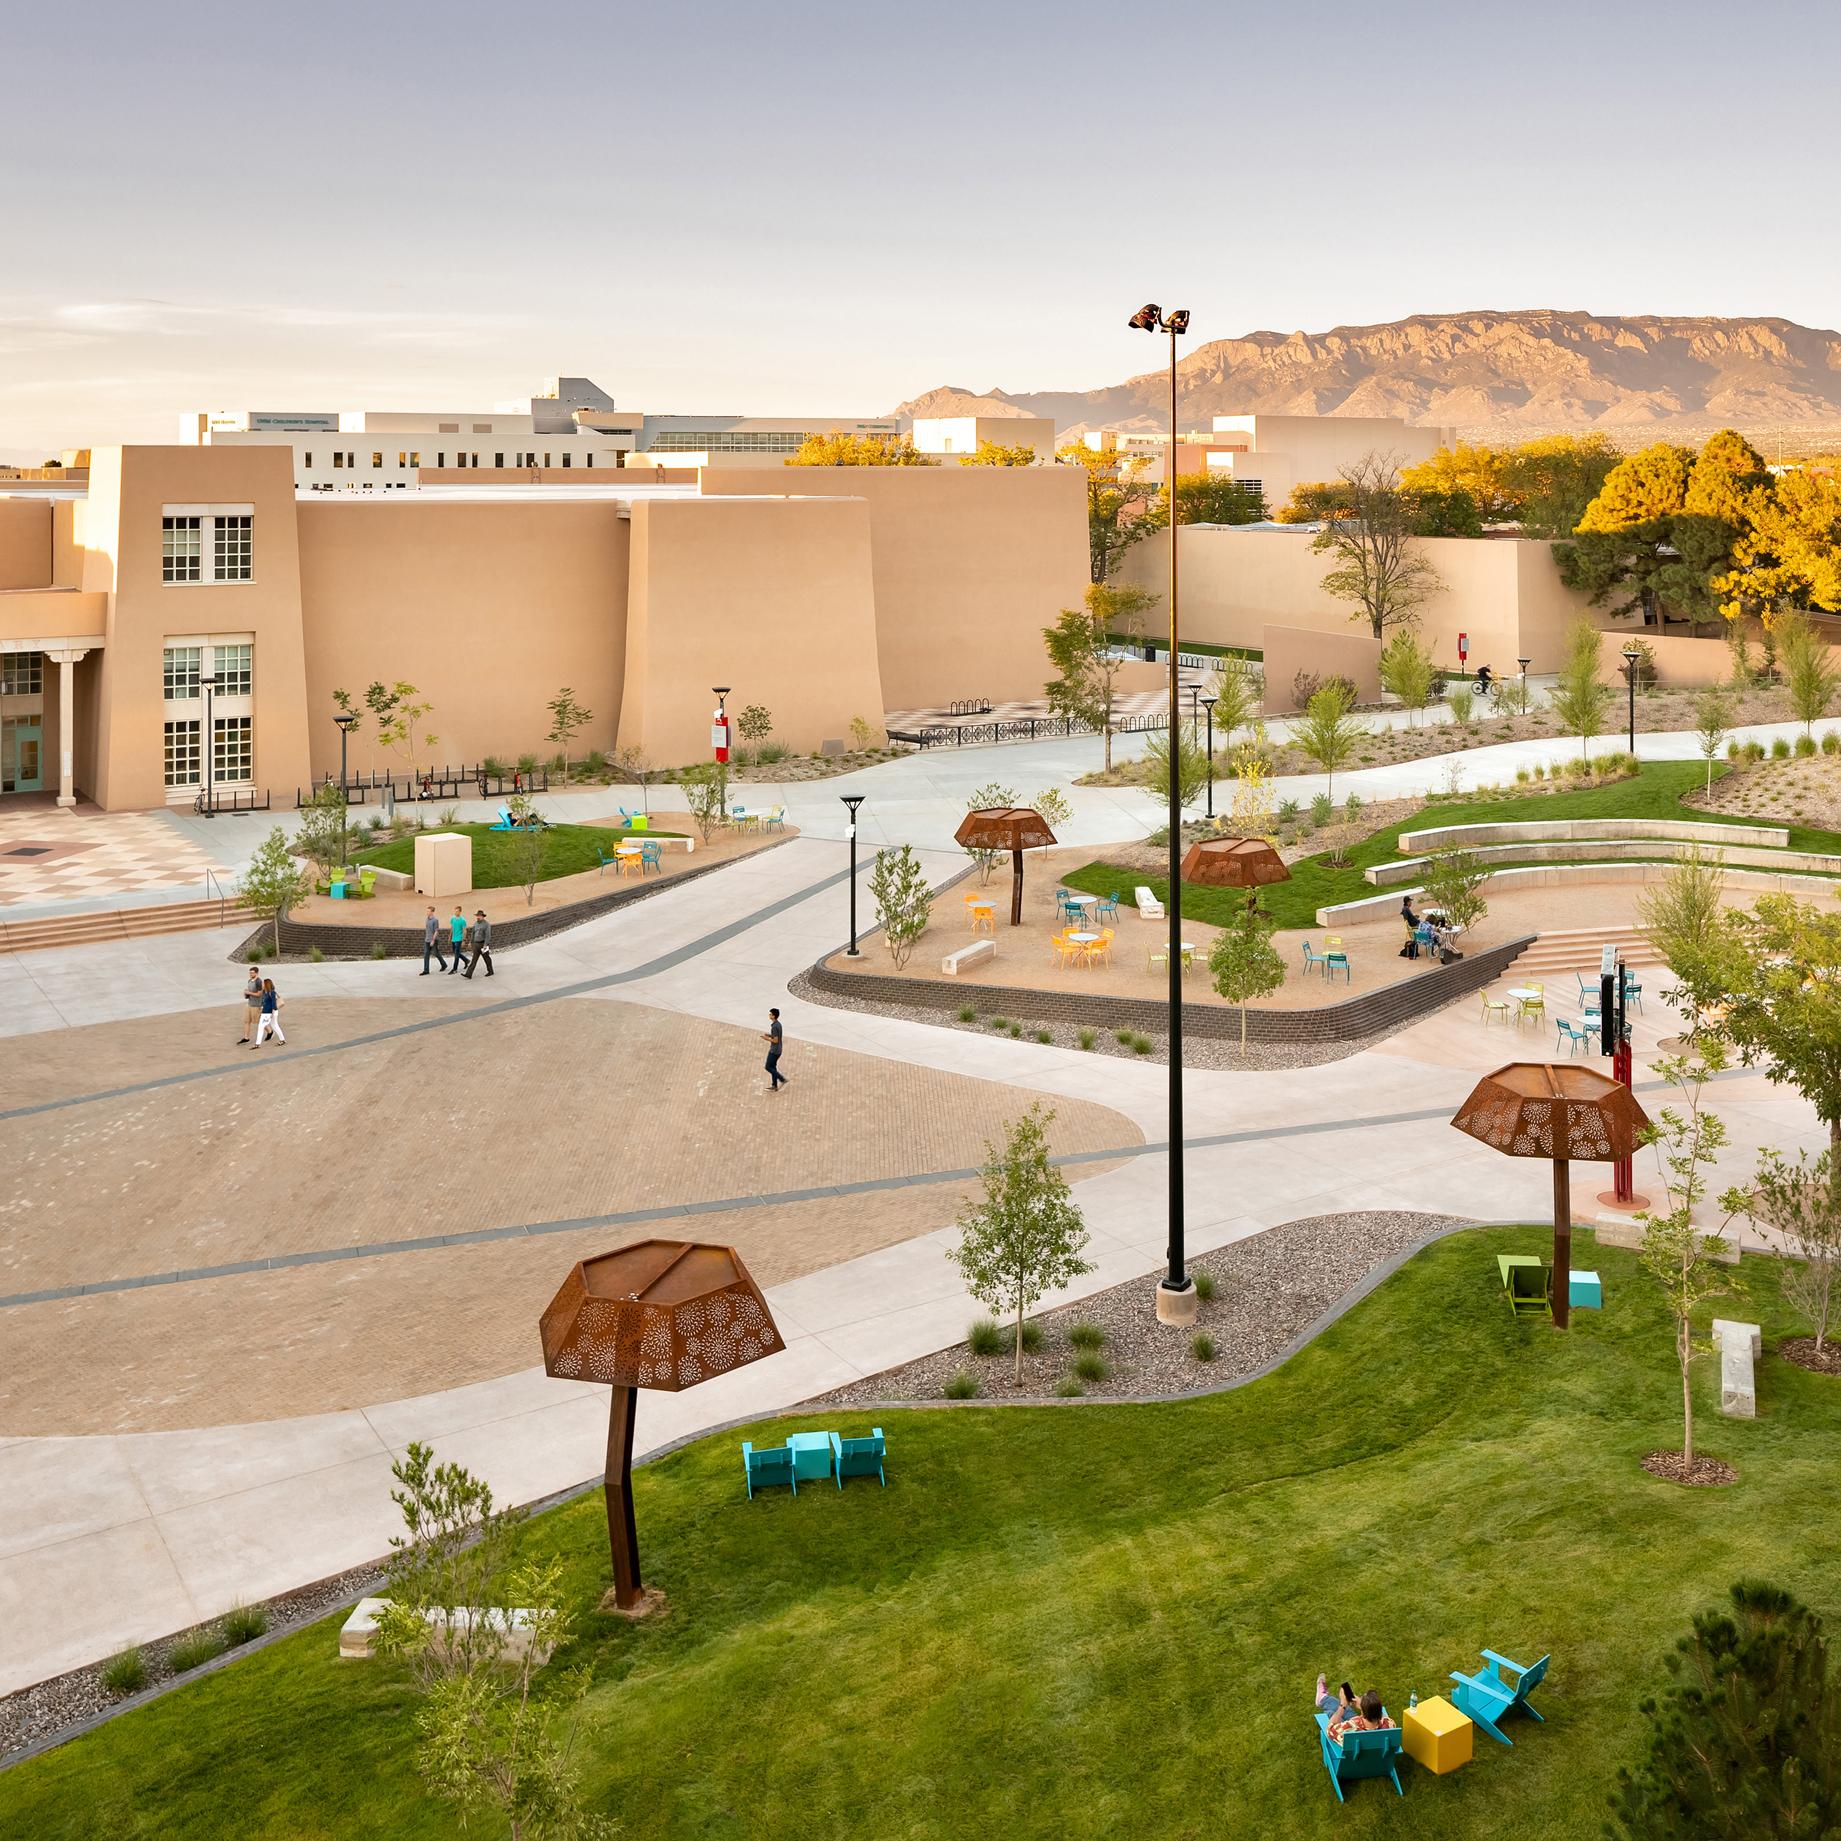 UNM Smith Plaza-3-sm.jpg